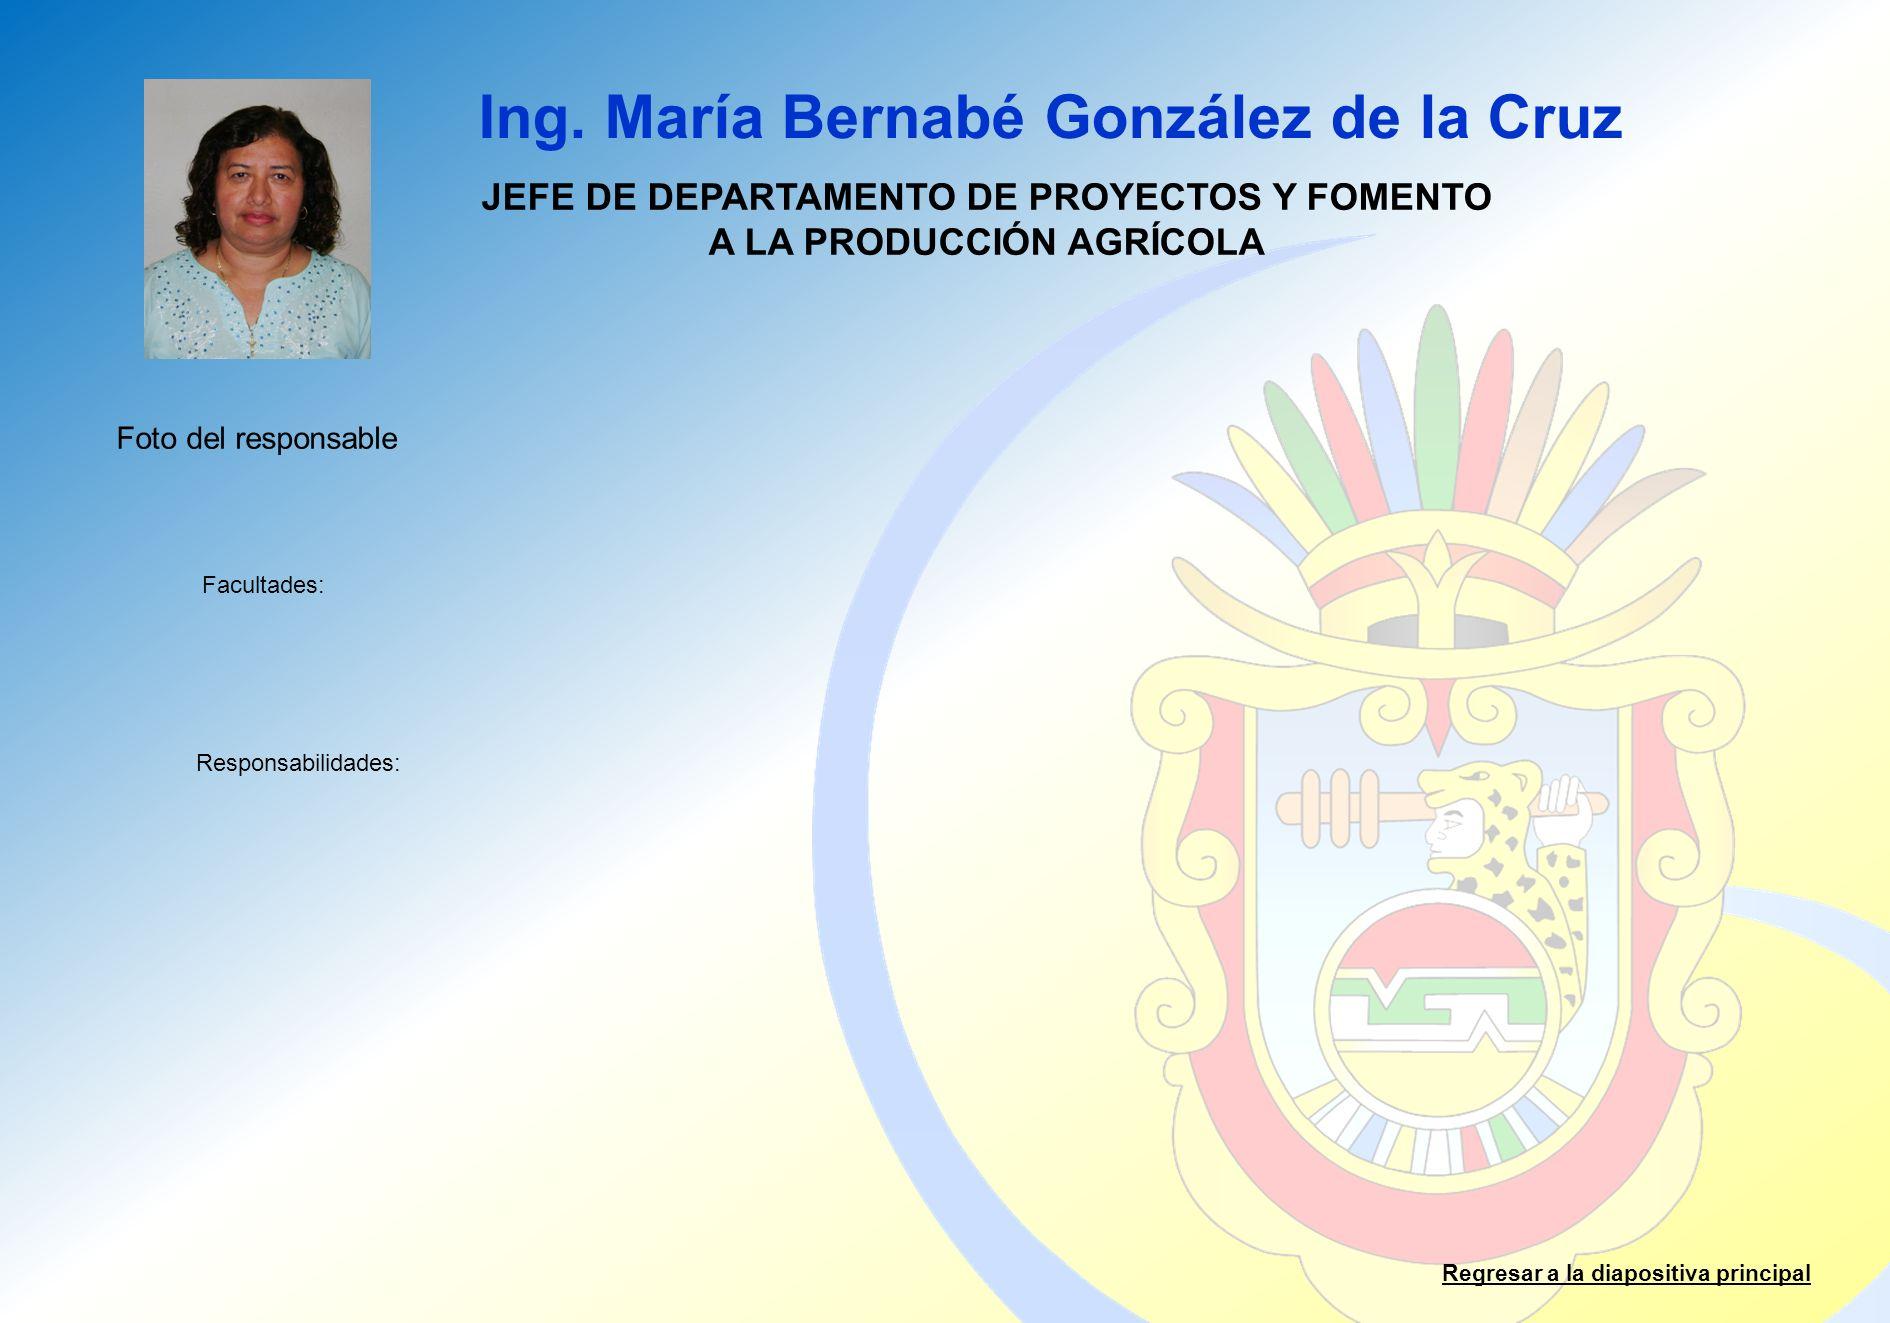 JEFE DE DEPARTAMENTO DE PROYECTOS Y FOMENTO A LA PRODUCCIÓN AGRÍCOLA